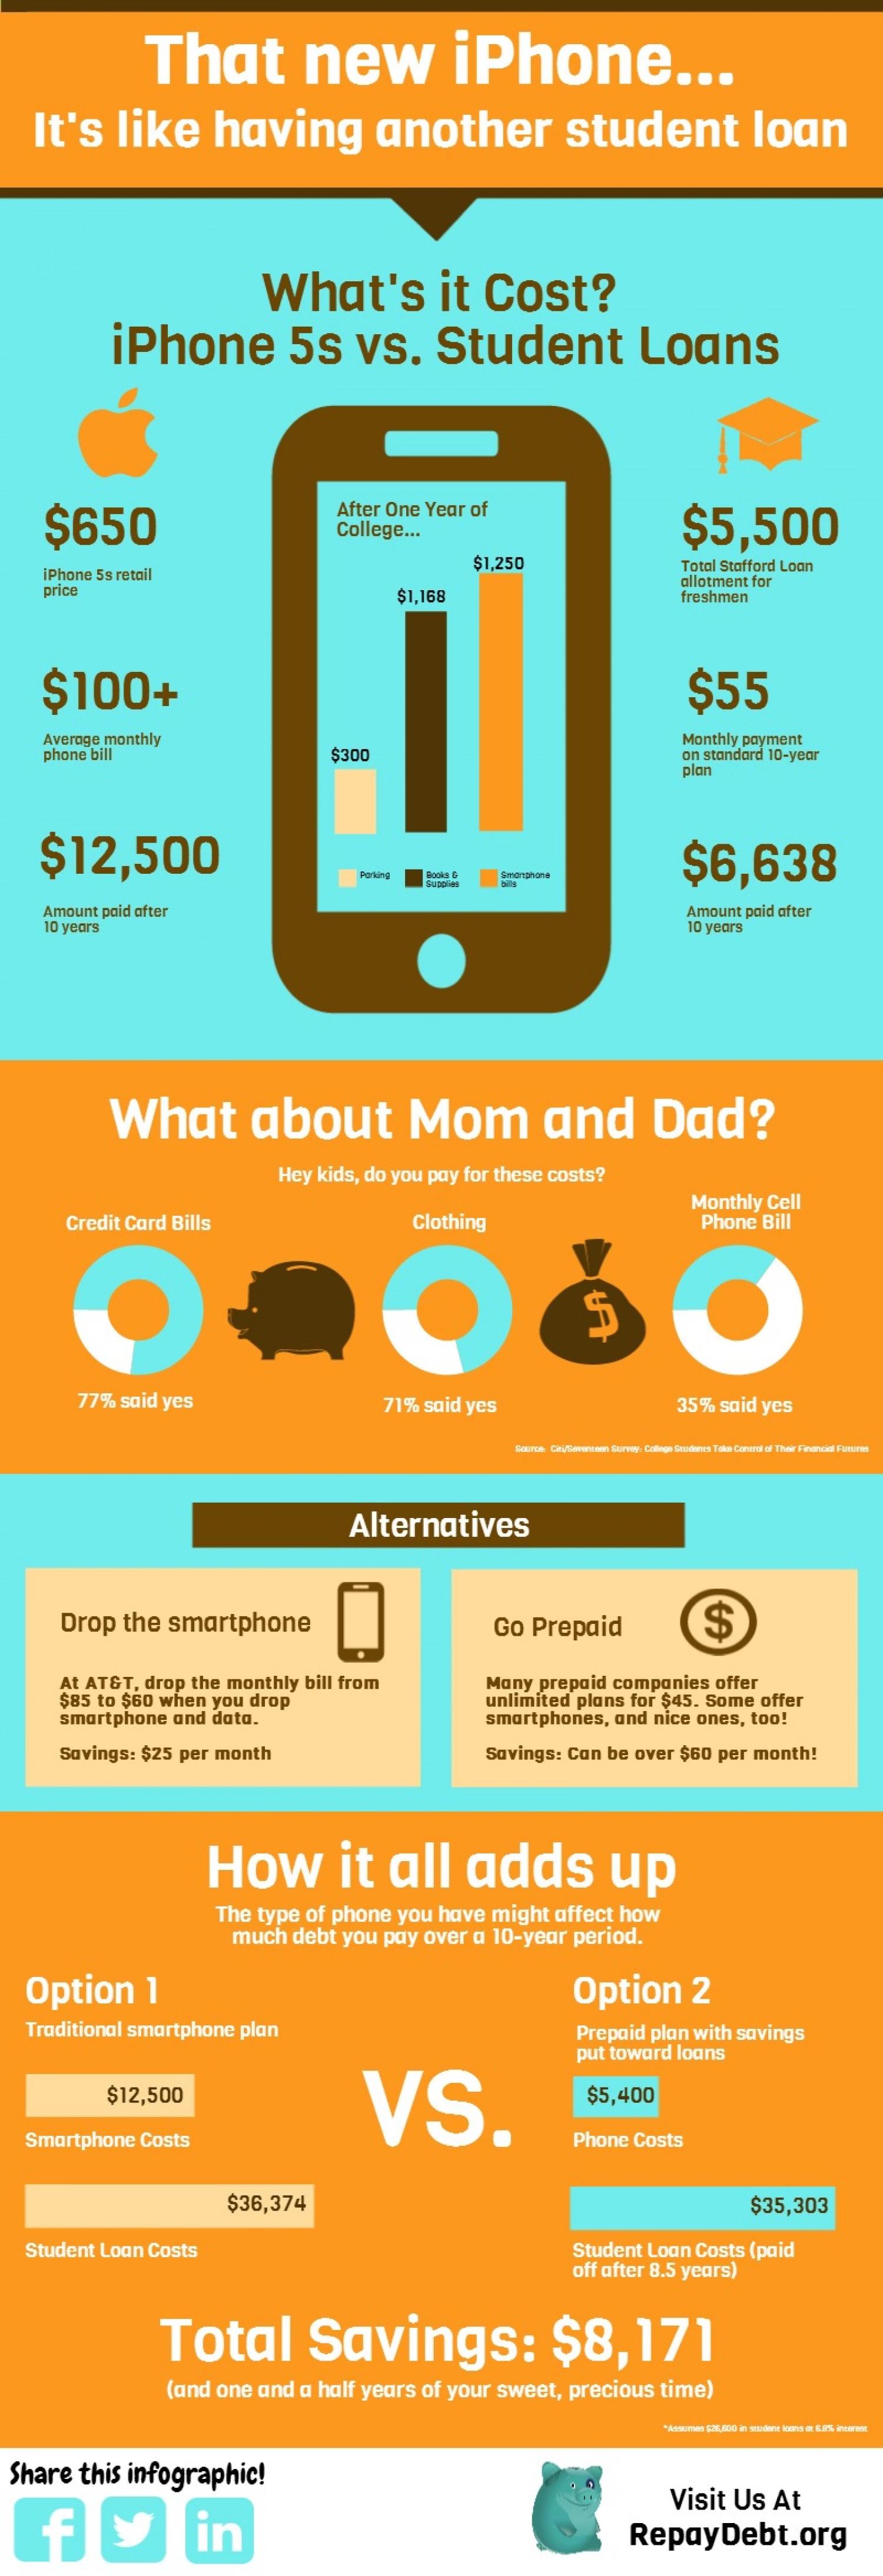 6. I phone 5 Vs Student Loans